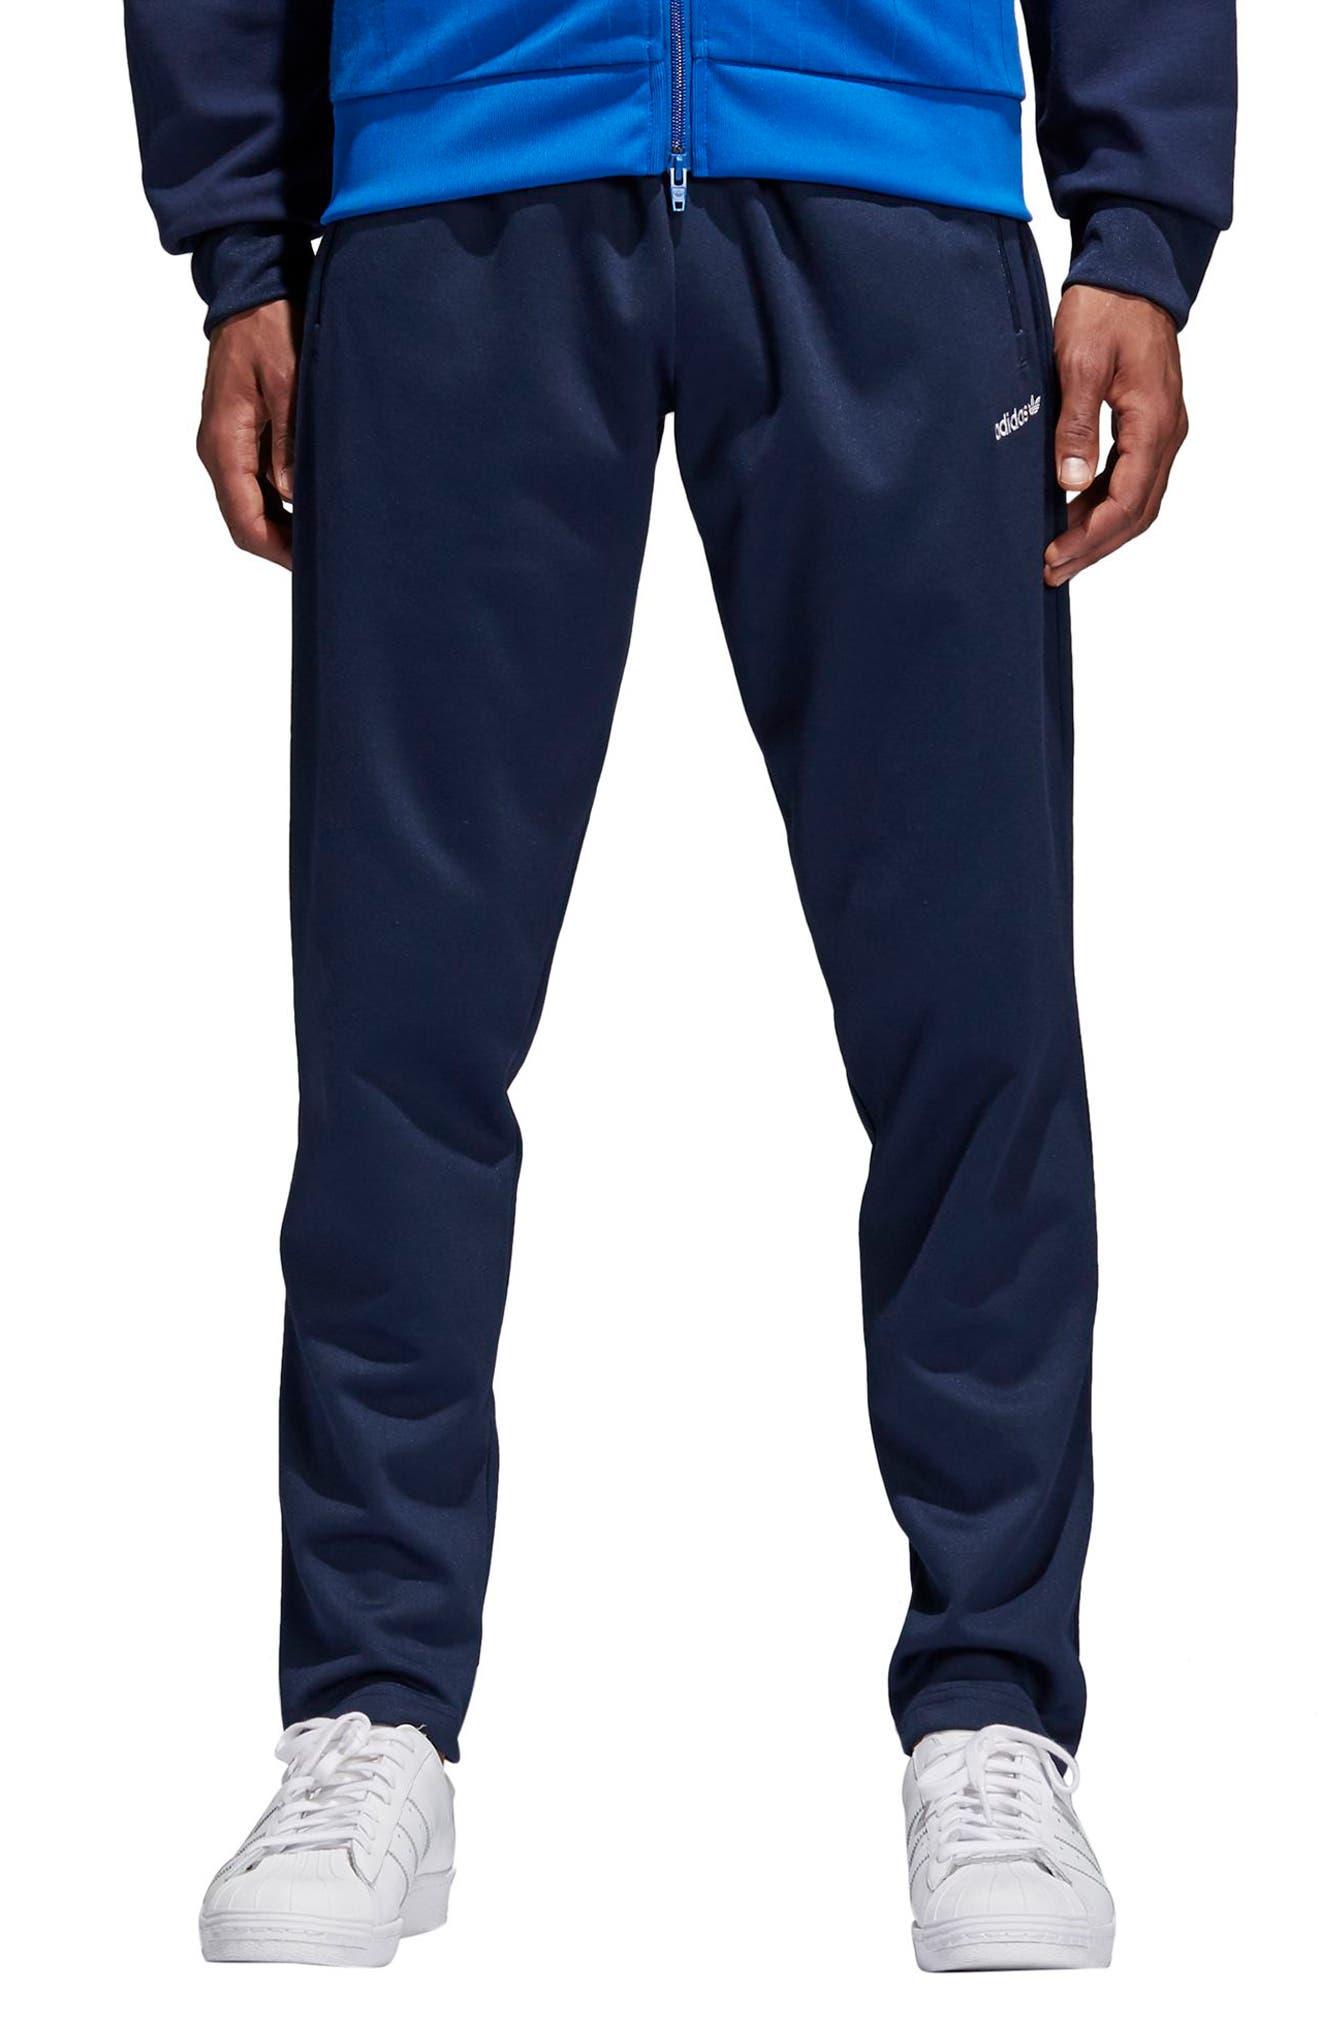 Originals Training Pants,                         Main,                         color, Collegiate Navy